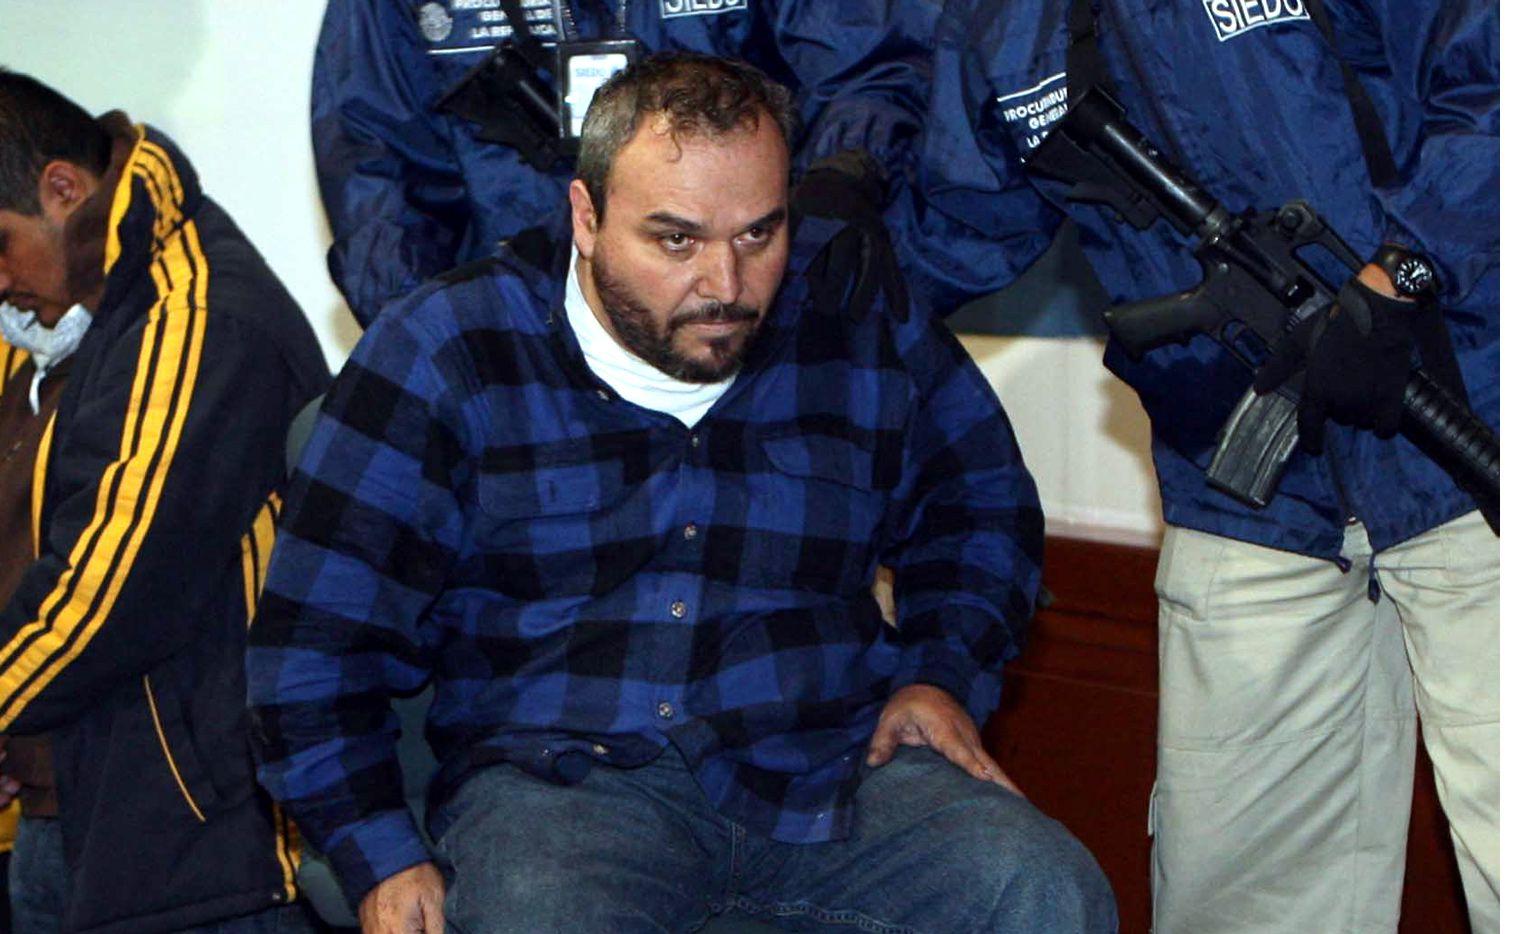 """Jesús """"El Rey"""" Zambada (centro) detalló cómo el acusado de narcotráfico ordenó varios asesinatos de sus rivales, así como sobornos a policías para poder actuar con impunidad./ AGENCIA REFORMA"""